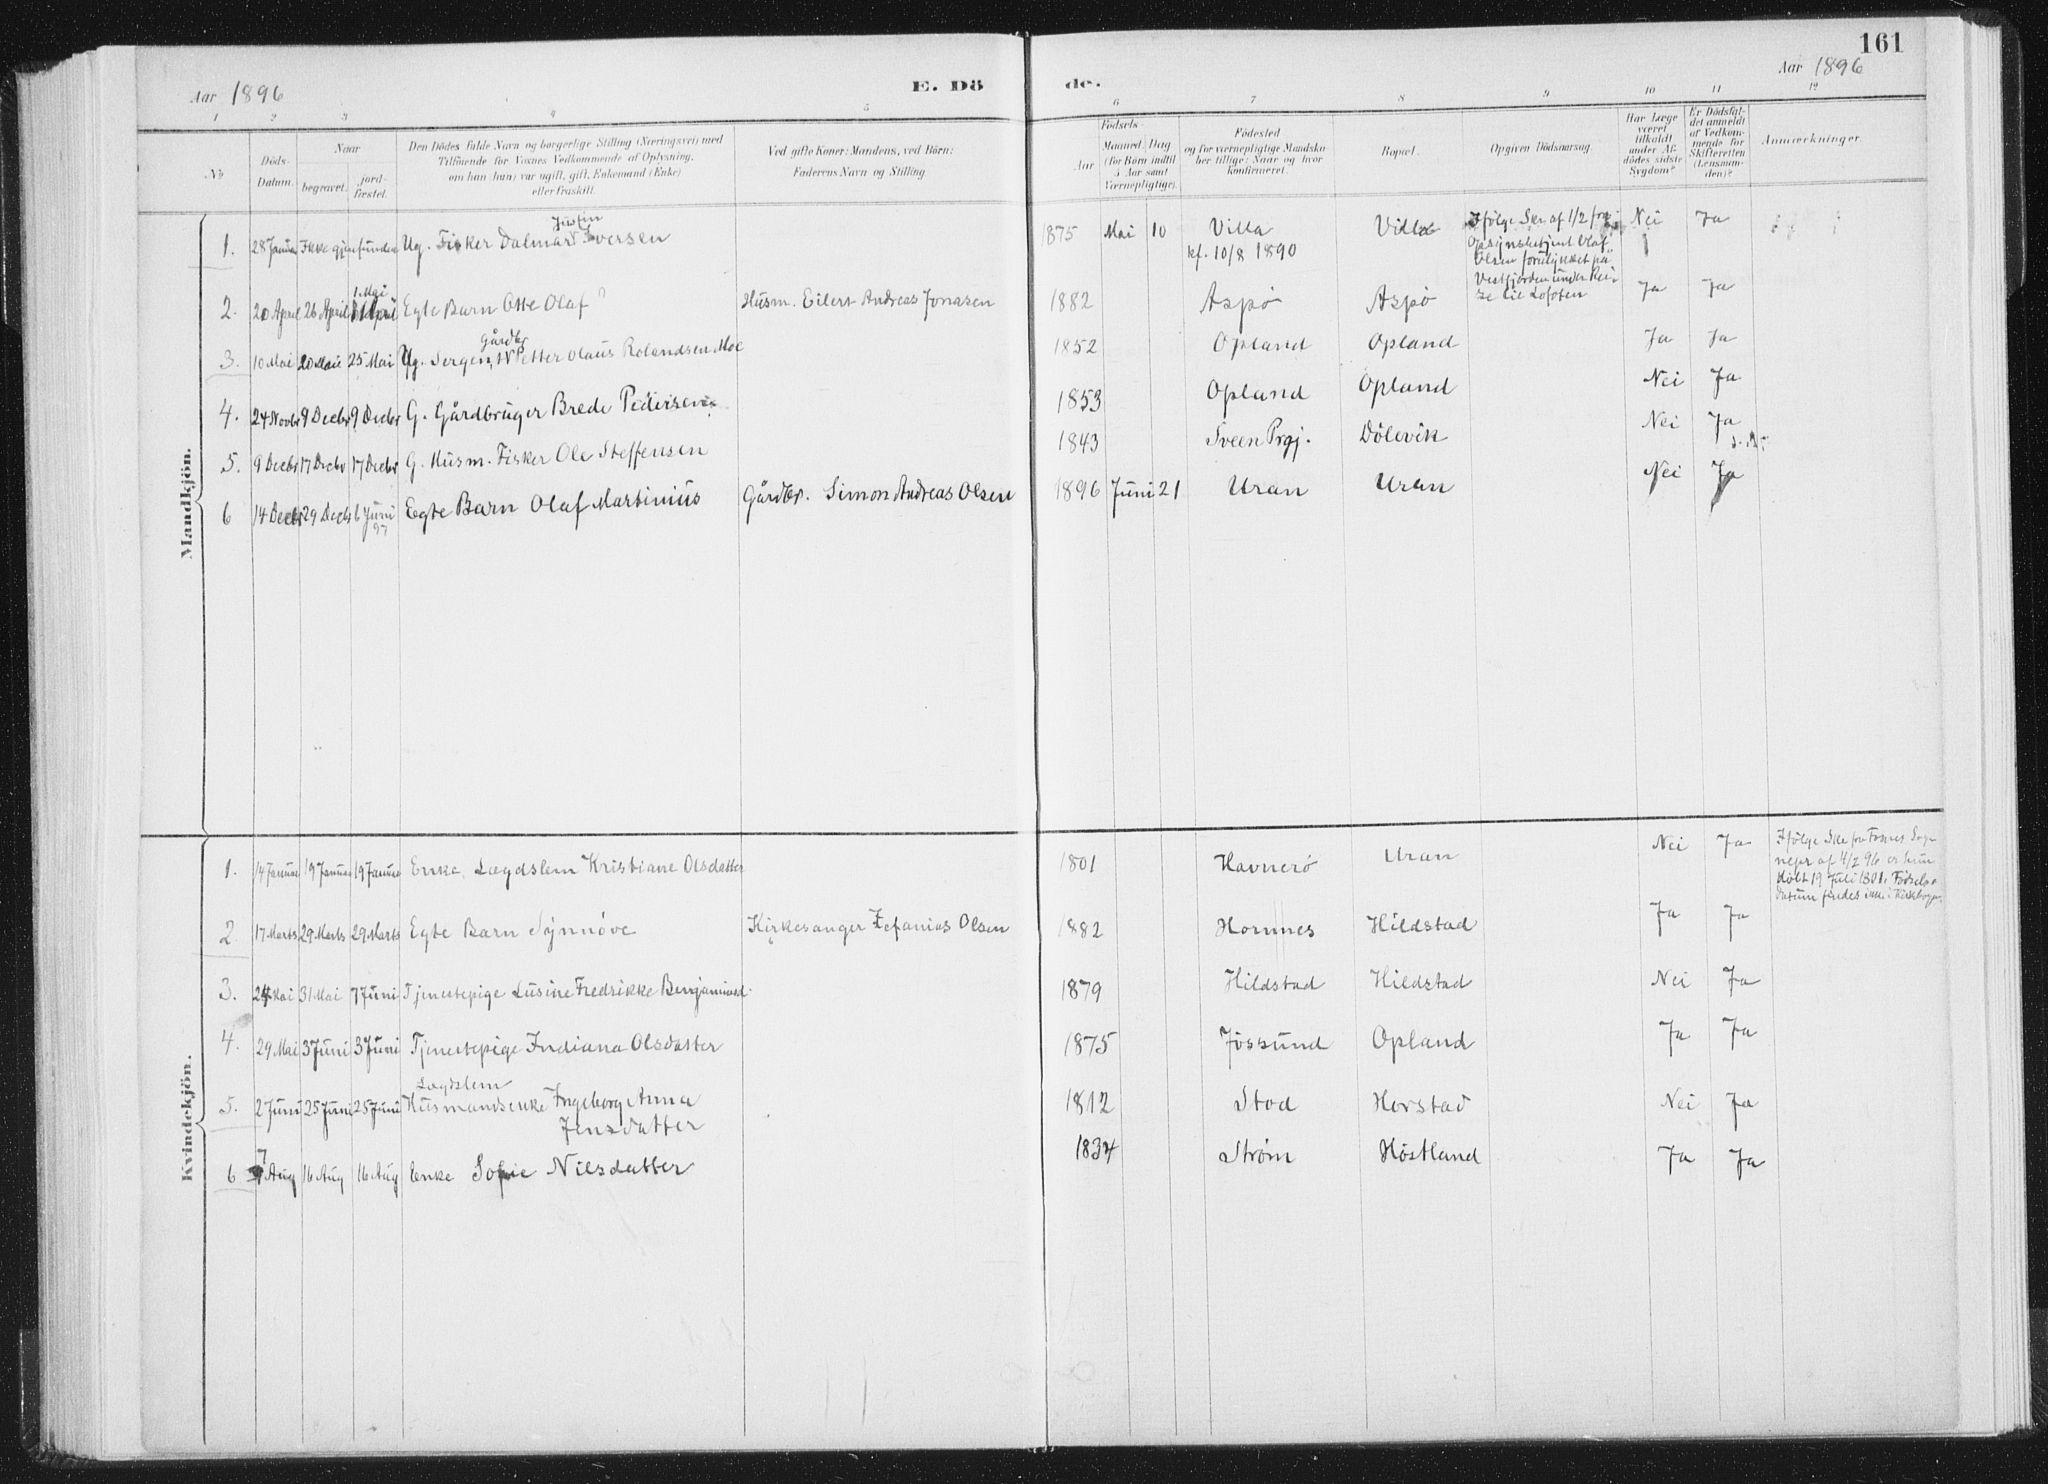 SAT, Ministerialprotokoller, klokkerbøker og fødselsregistre - Nord-Trøndelag, 771/L0597: Ministerialbok nr. 771A04, 1885-1910, s. 161